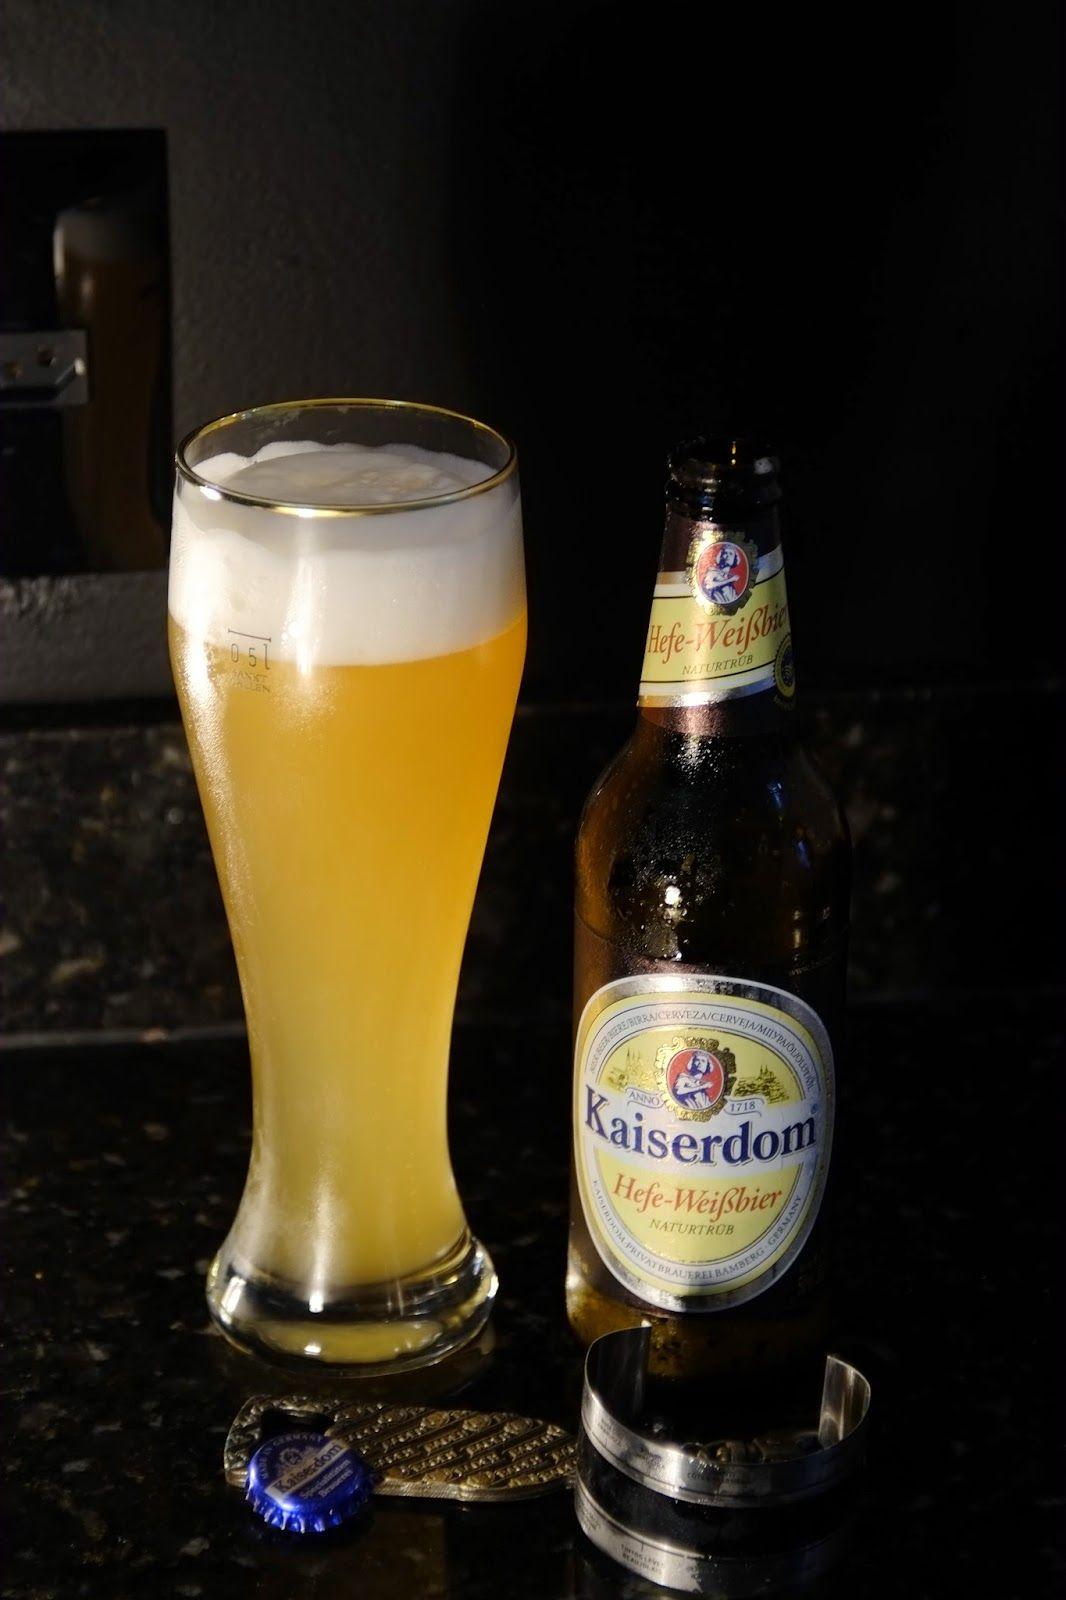 Bebideria - Tragos & Causos: Uma cerveja de trigo honesta!